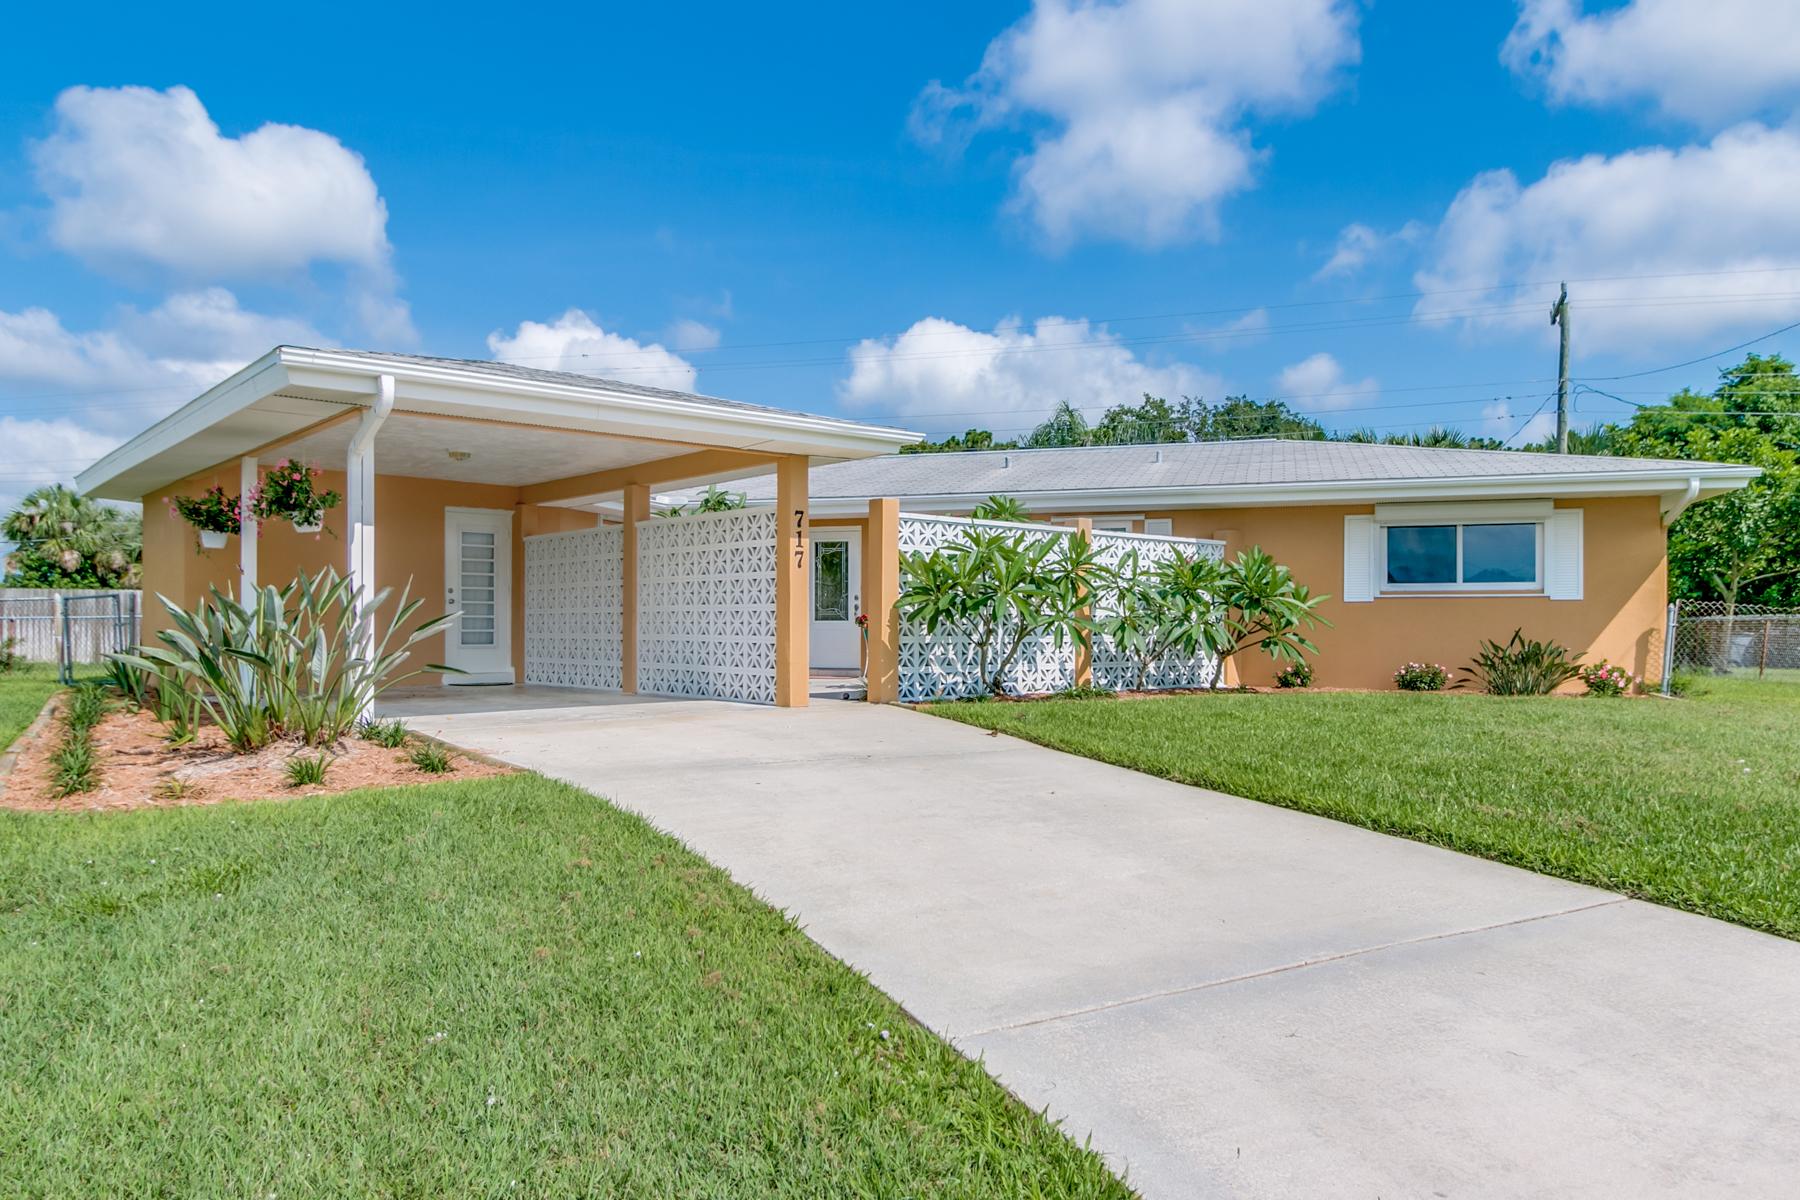 Maison unifamiliale pour l Vente à 717 James Circle Palm Bay, Florida, 32905 États-Unis